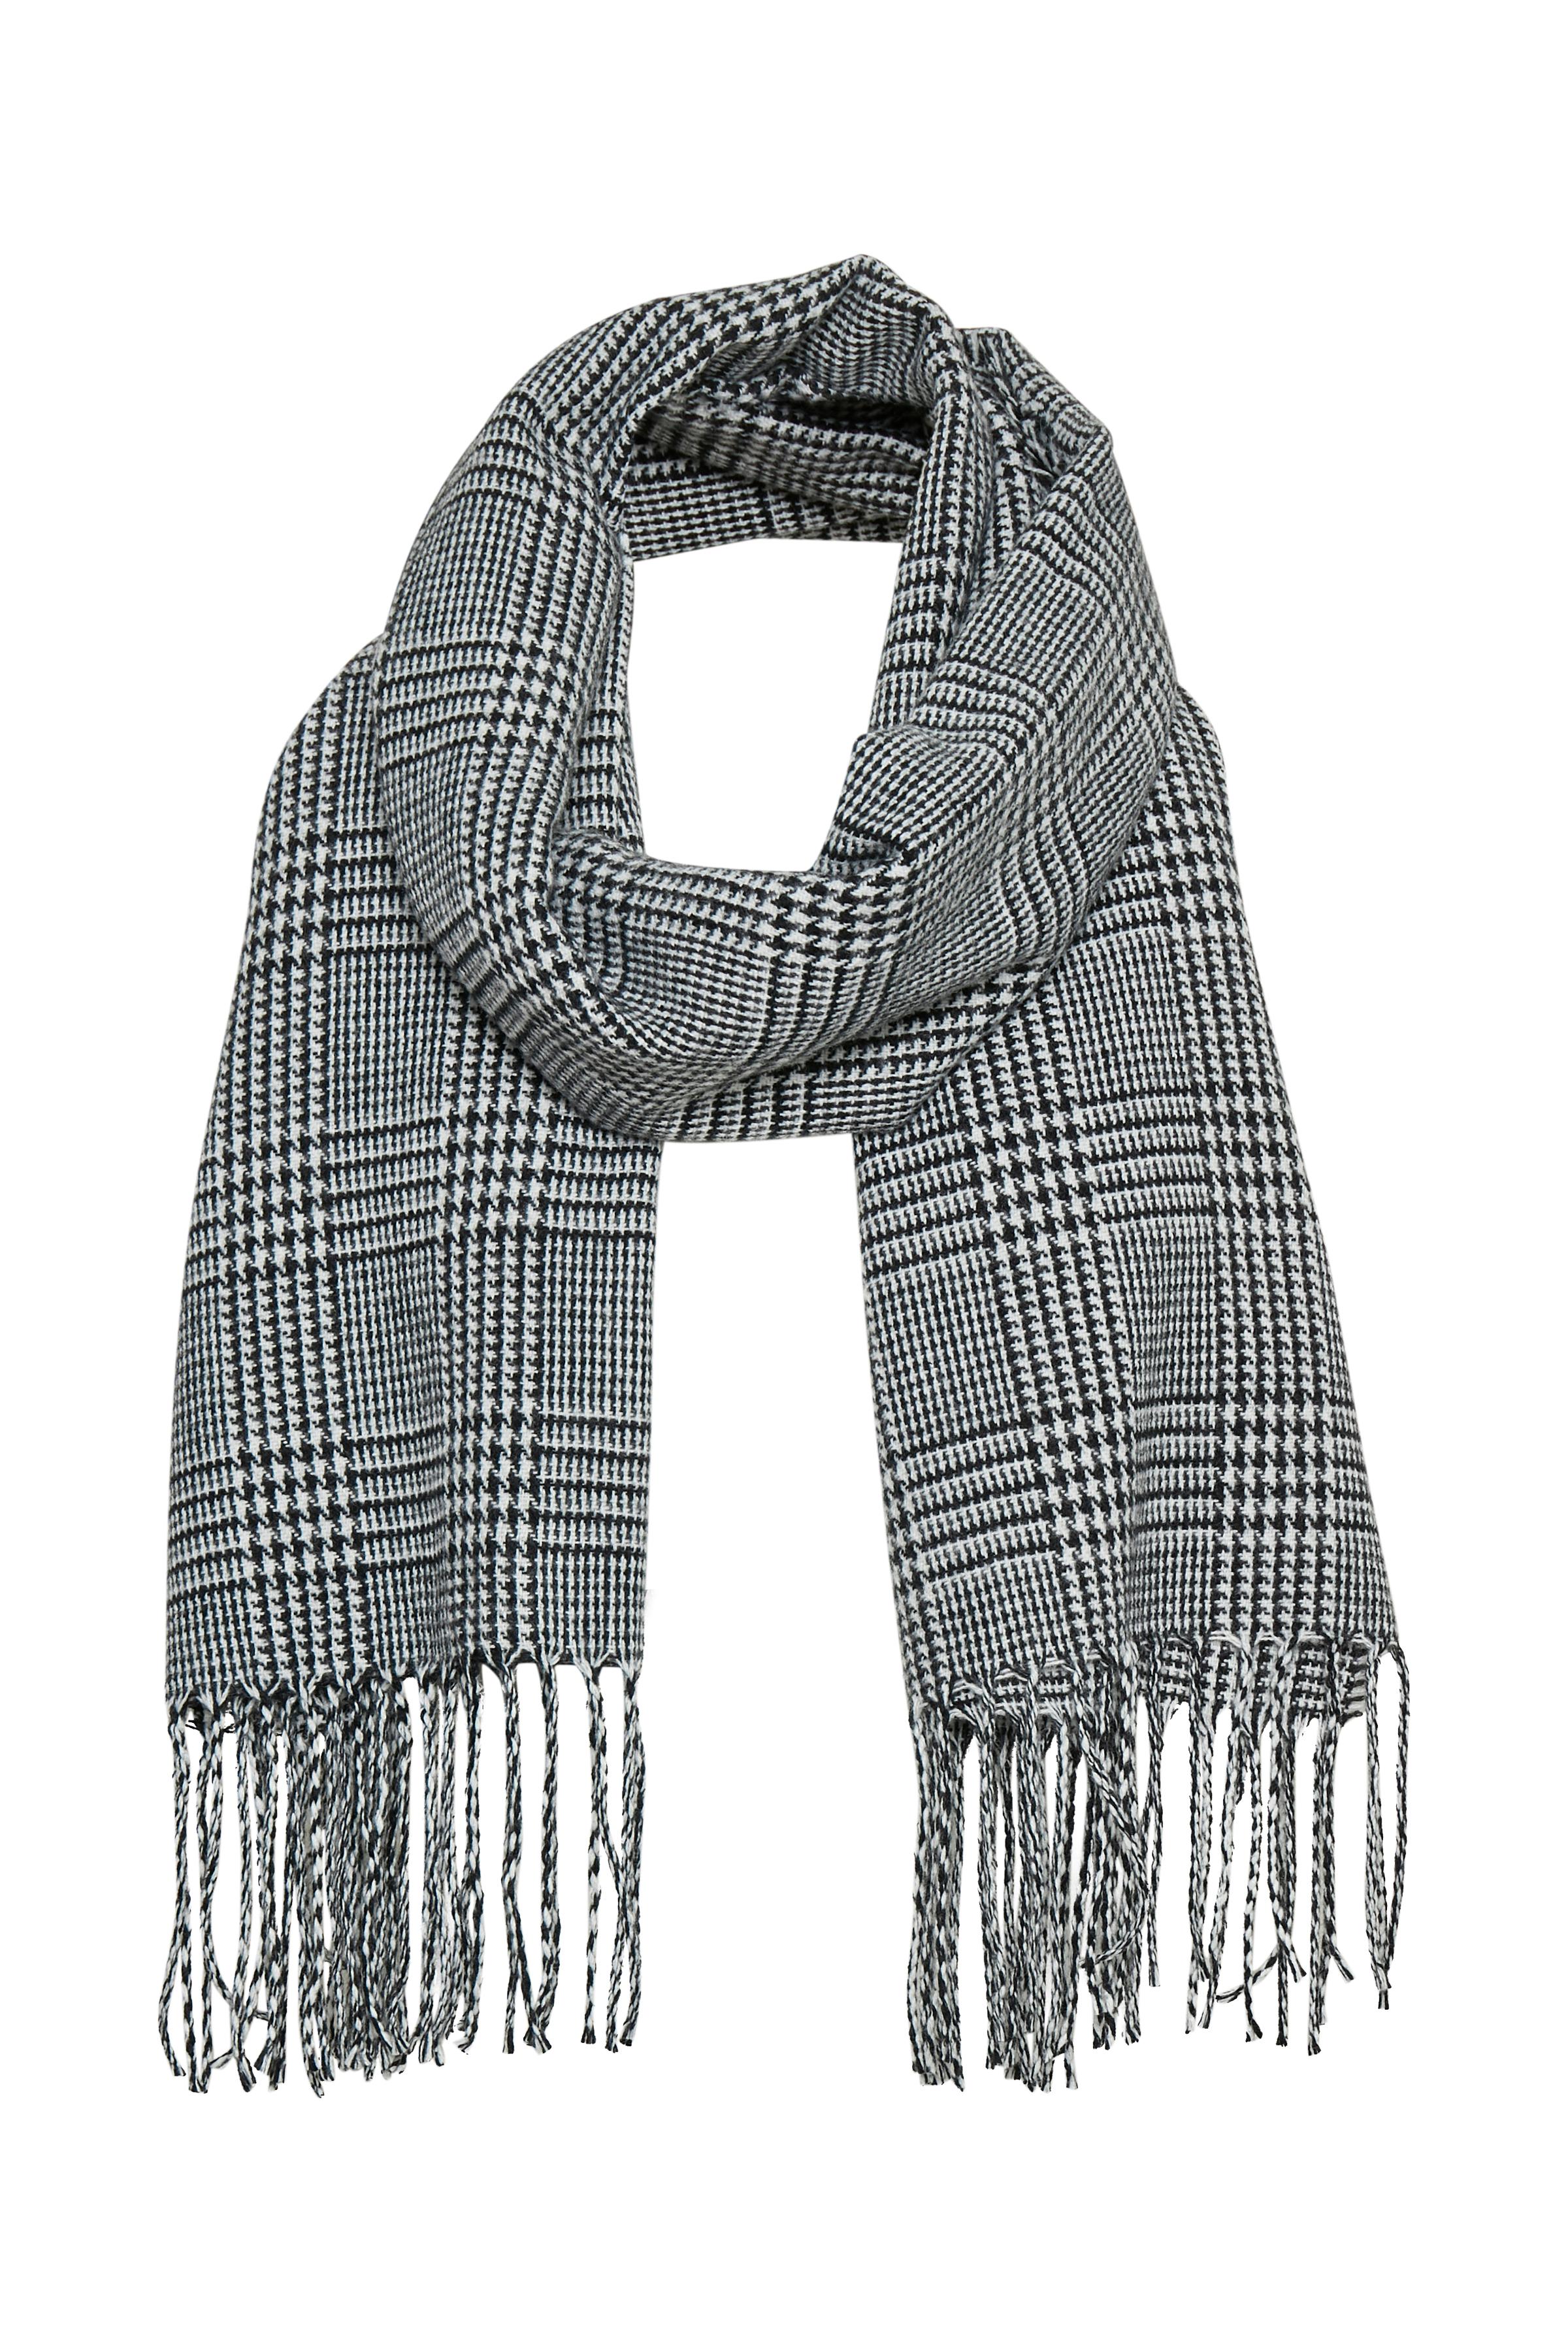 Sort/off-white Tørklæde fra b.young – Køb Sort/off-white Tørklæde fra str. ONE her